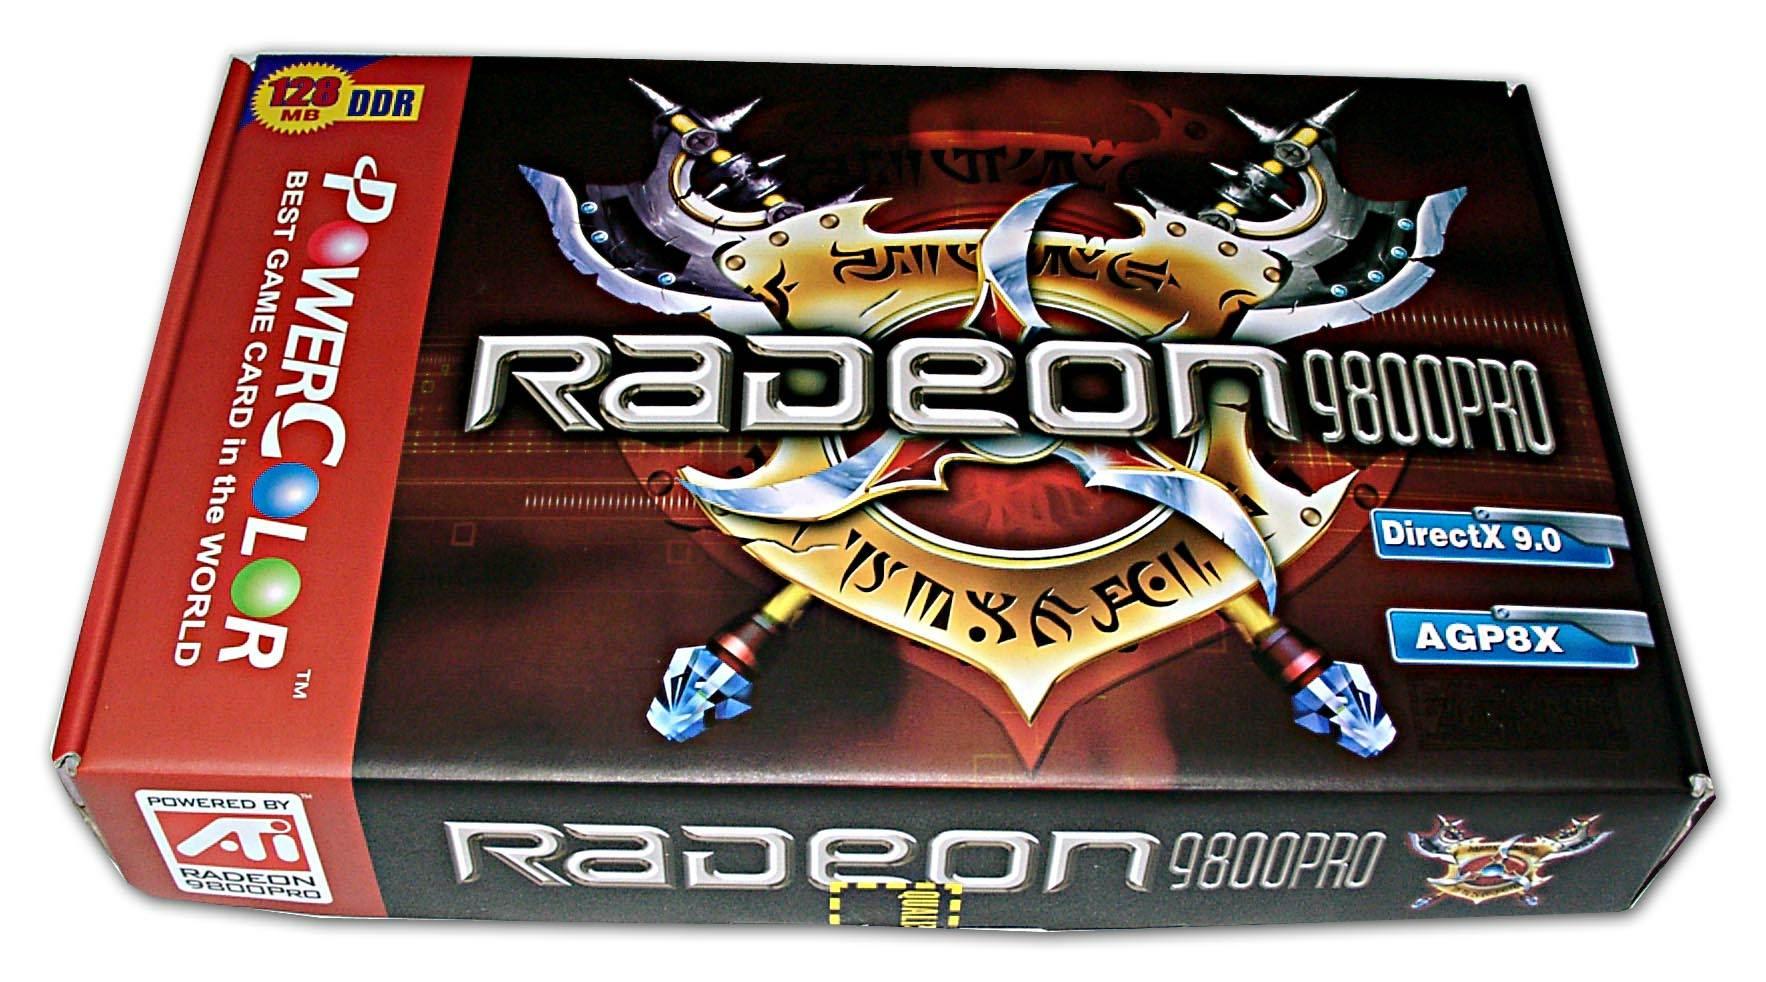 Gigabyte RADEON 9800 PRO GV R98P128D